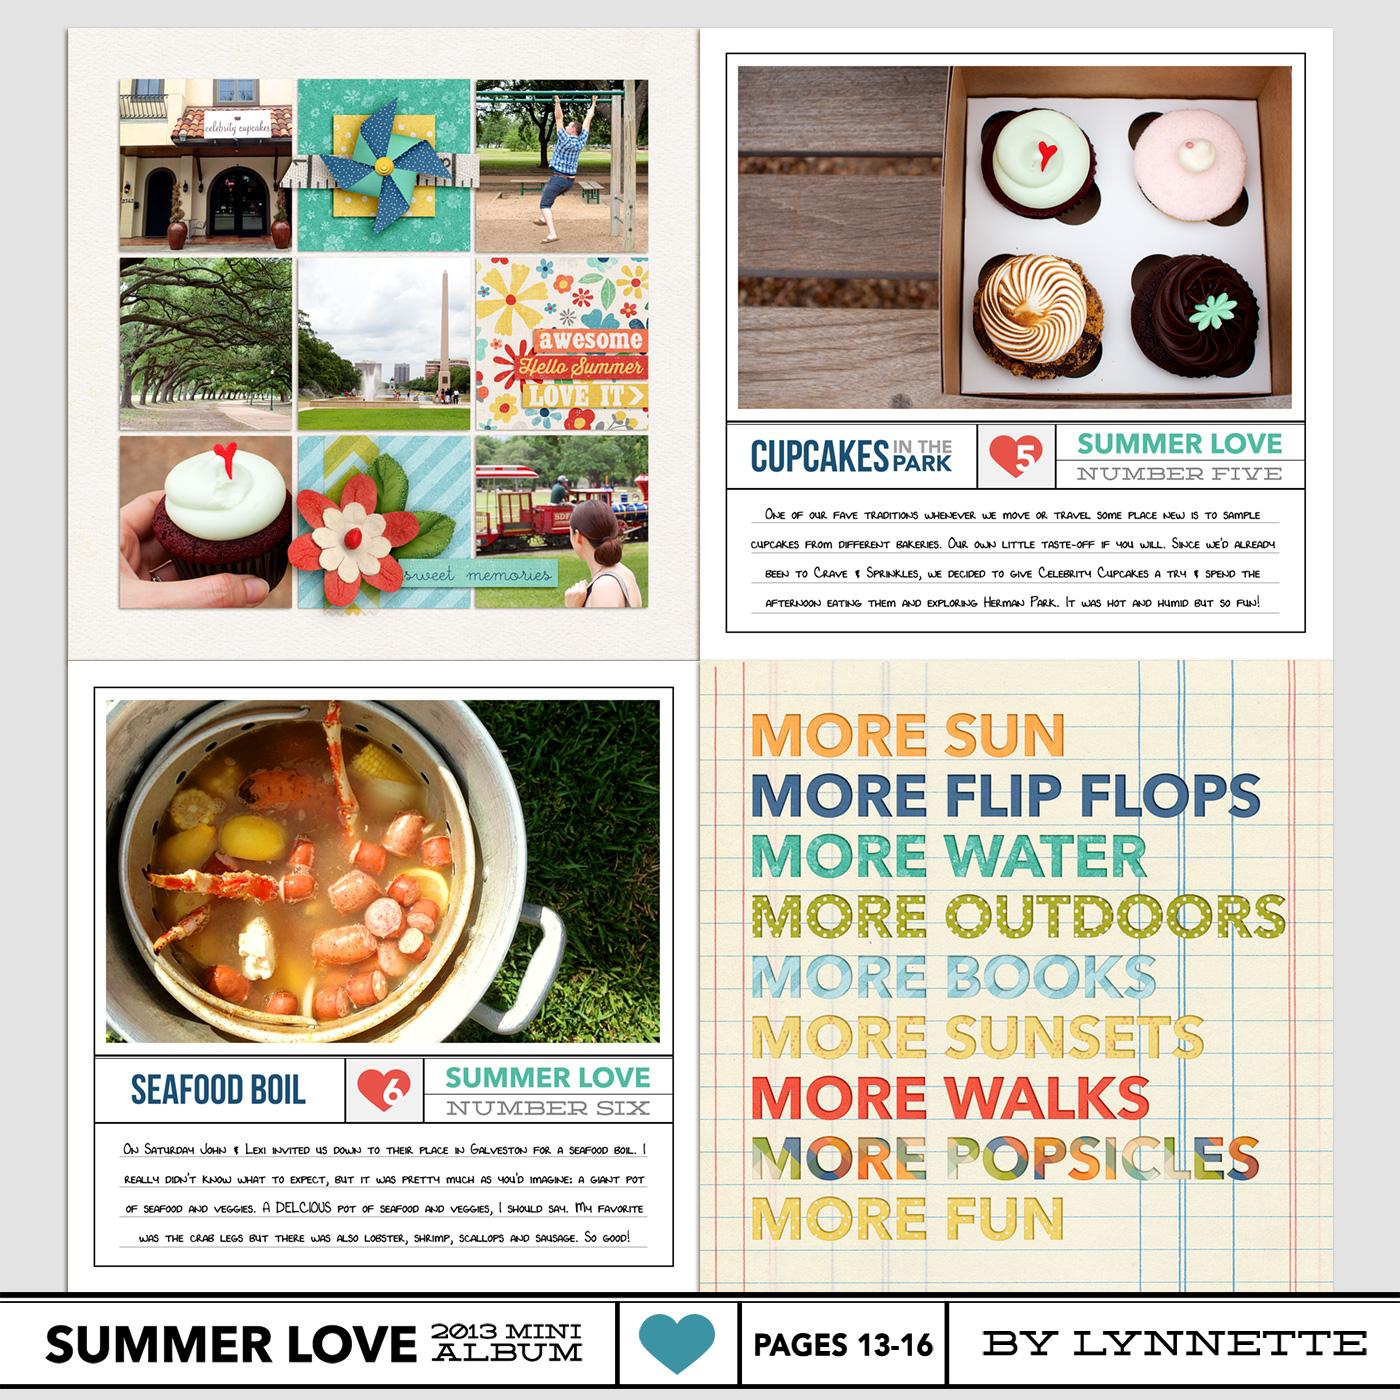 nettiodesigns_SummerLove-pg13-16-Lynnette